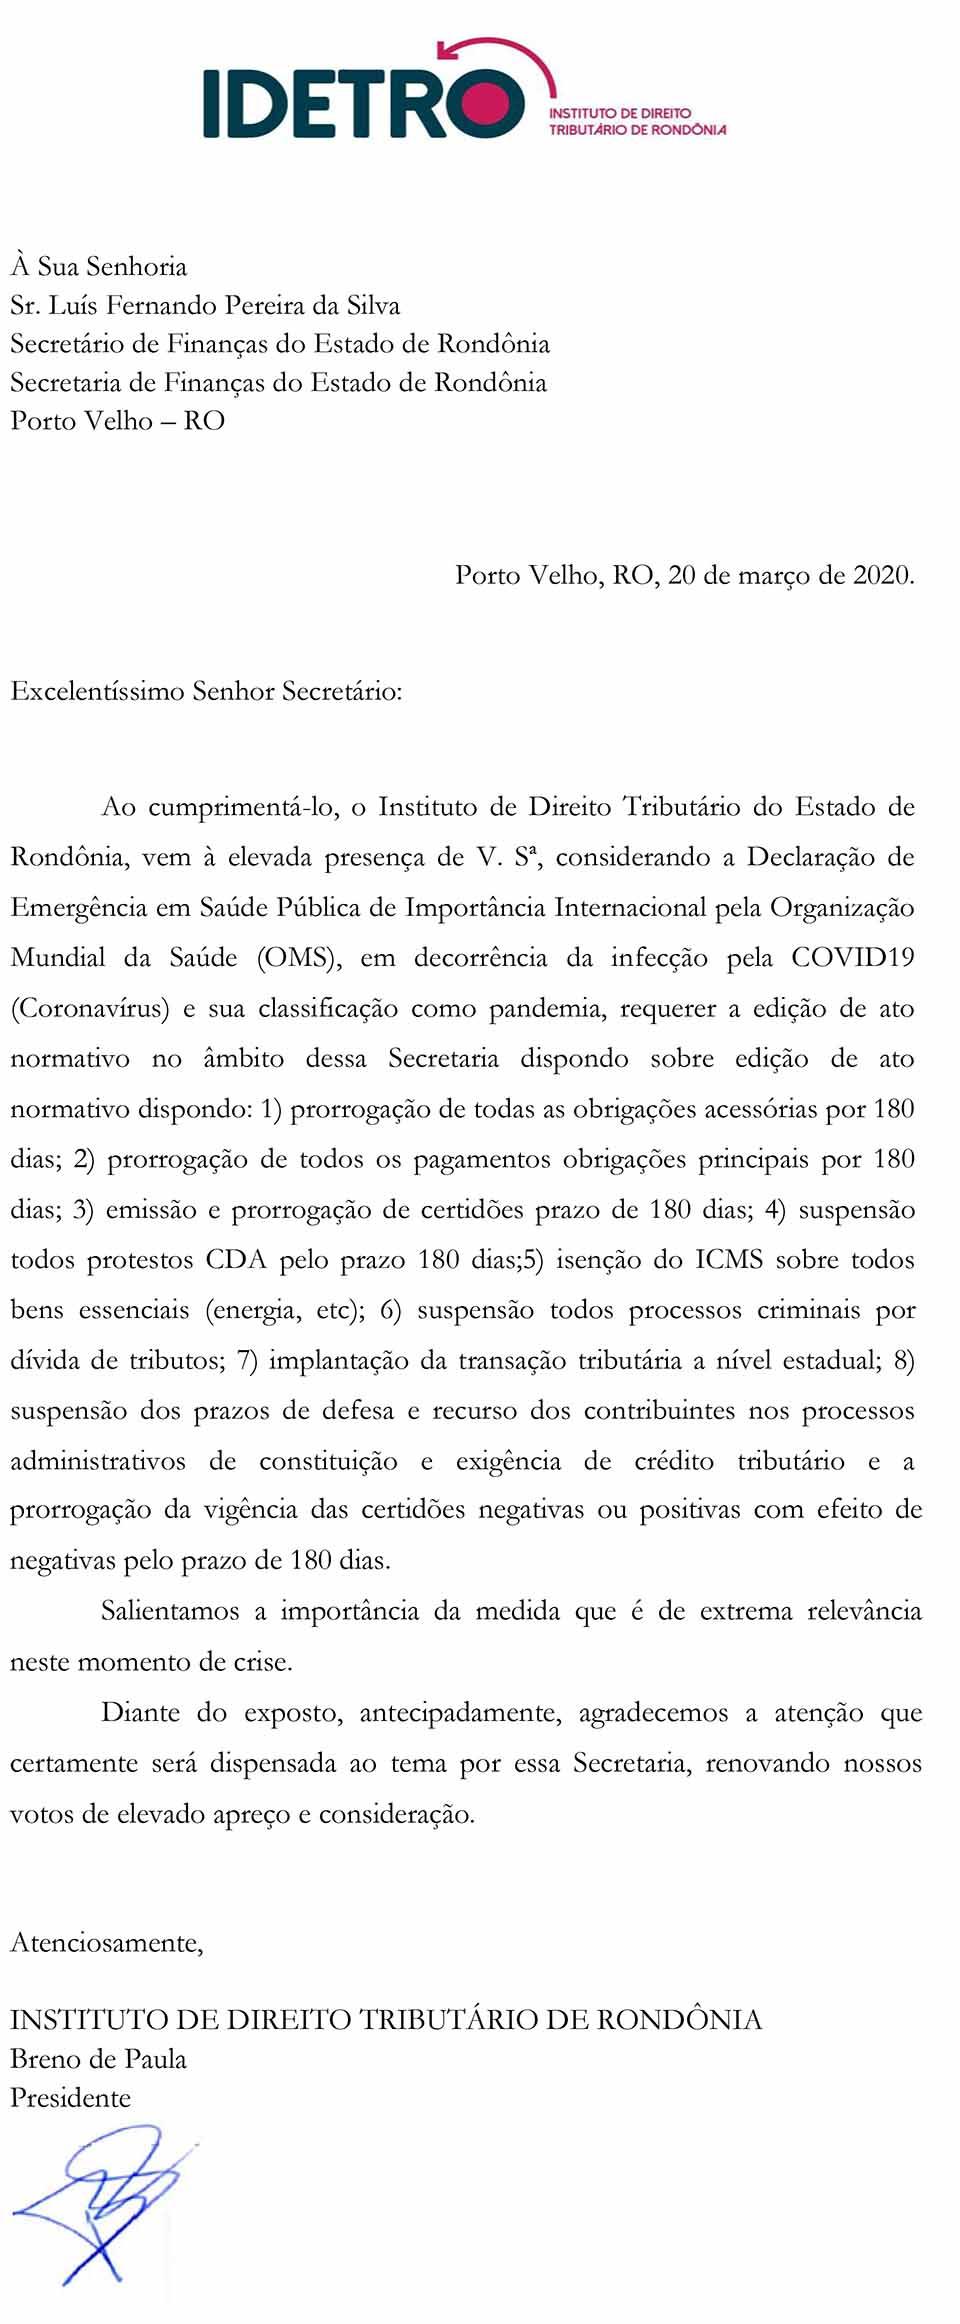 Instituto de Direito Tributário pede à SEFIN RO medidas de proteção aos contribuintes e a economia